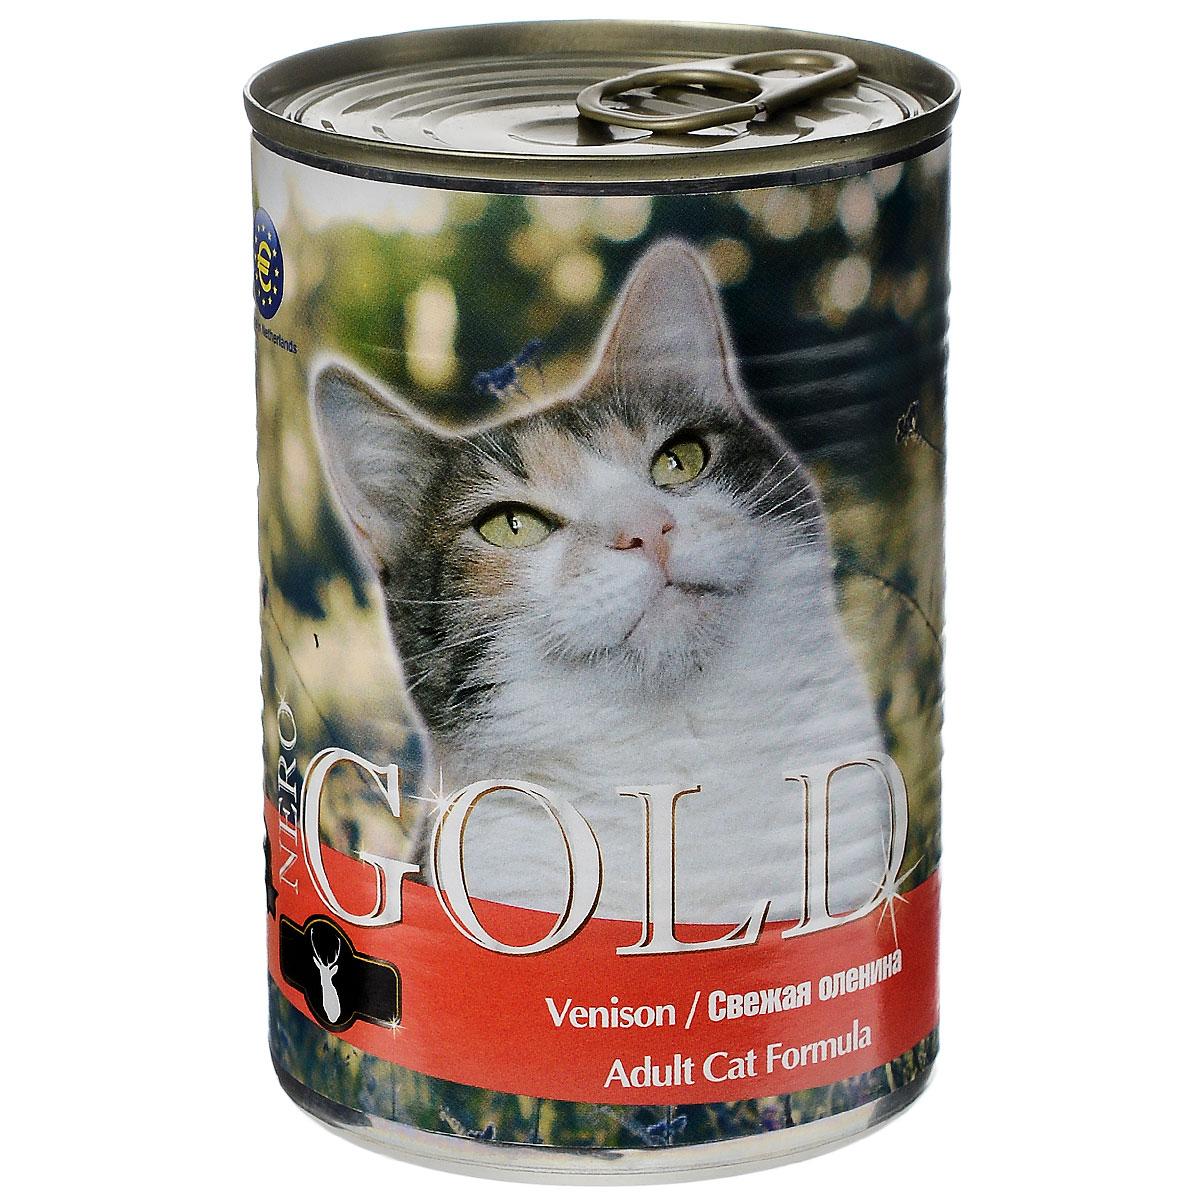 Консервы для кошек Nero Gold, свежая оленина, 410 г24484Консервы для кошек Nero Gold - полнорационный продукт, содержащий все необходимые витамины и минералы, сбалансированный для поддержания оптимального здоровья вашего питомца! Состав: мясо и его производные, филе курицы, оленина, злаки, витамины и минералы. Гарантированный анализ: белки 6%, жиры 4,5%, клетчатка 0,5%, зола 2%, влага 81%. Пищевые добавки на 1 кг продукта: витамин А 1600 МЕ, витамин D 140 МЕ, витамин Е 10 МЕ, таурин 300 мг, железо 24 мг, марганец 6 мг, цинк 15 мг, медь 1 мг, магний 200 мг, йод 0,3 мг, селен 0,2 мг. Вес: 410 г. Товар сертифицирован.